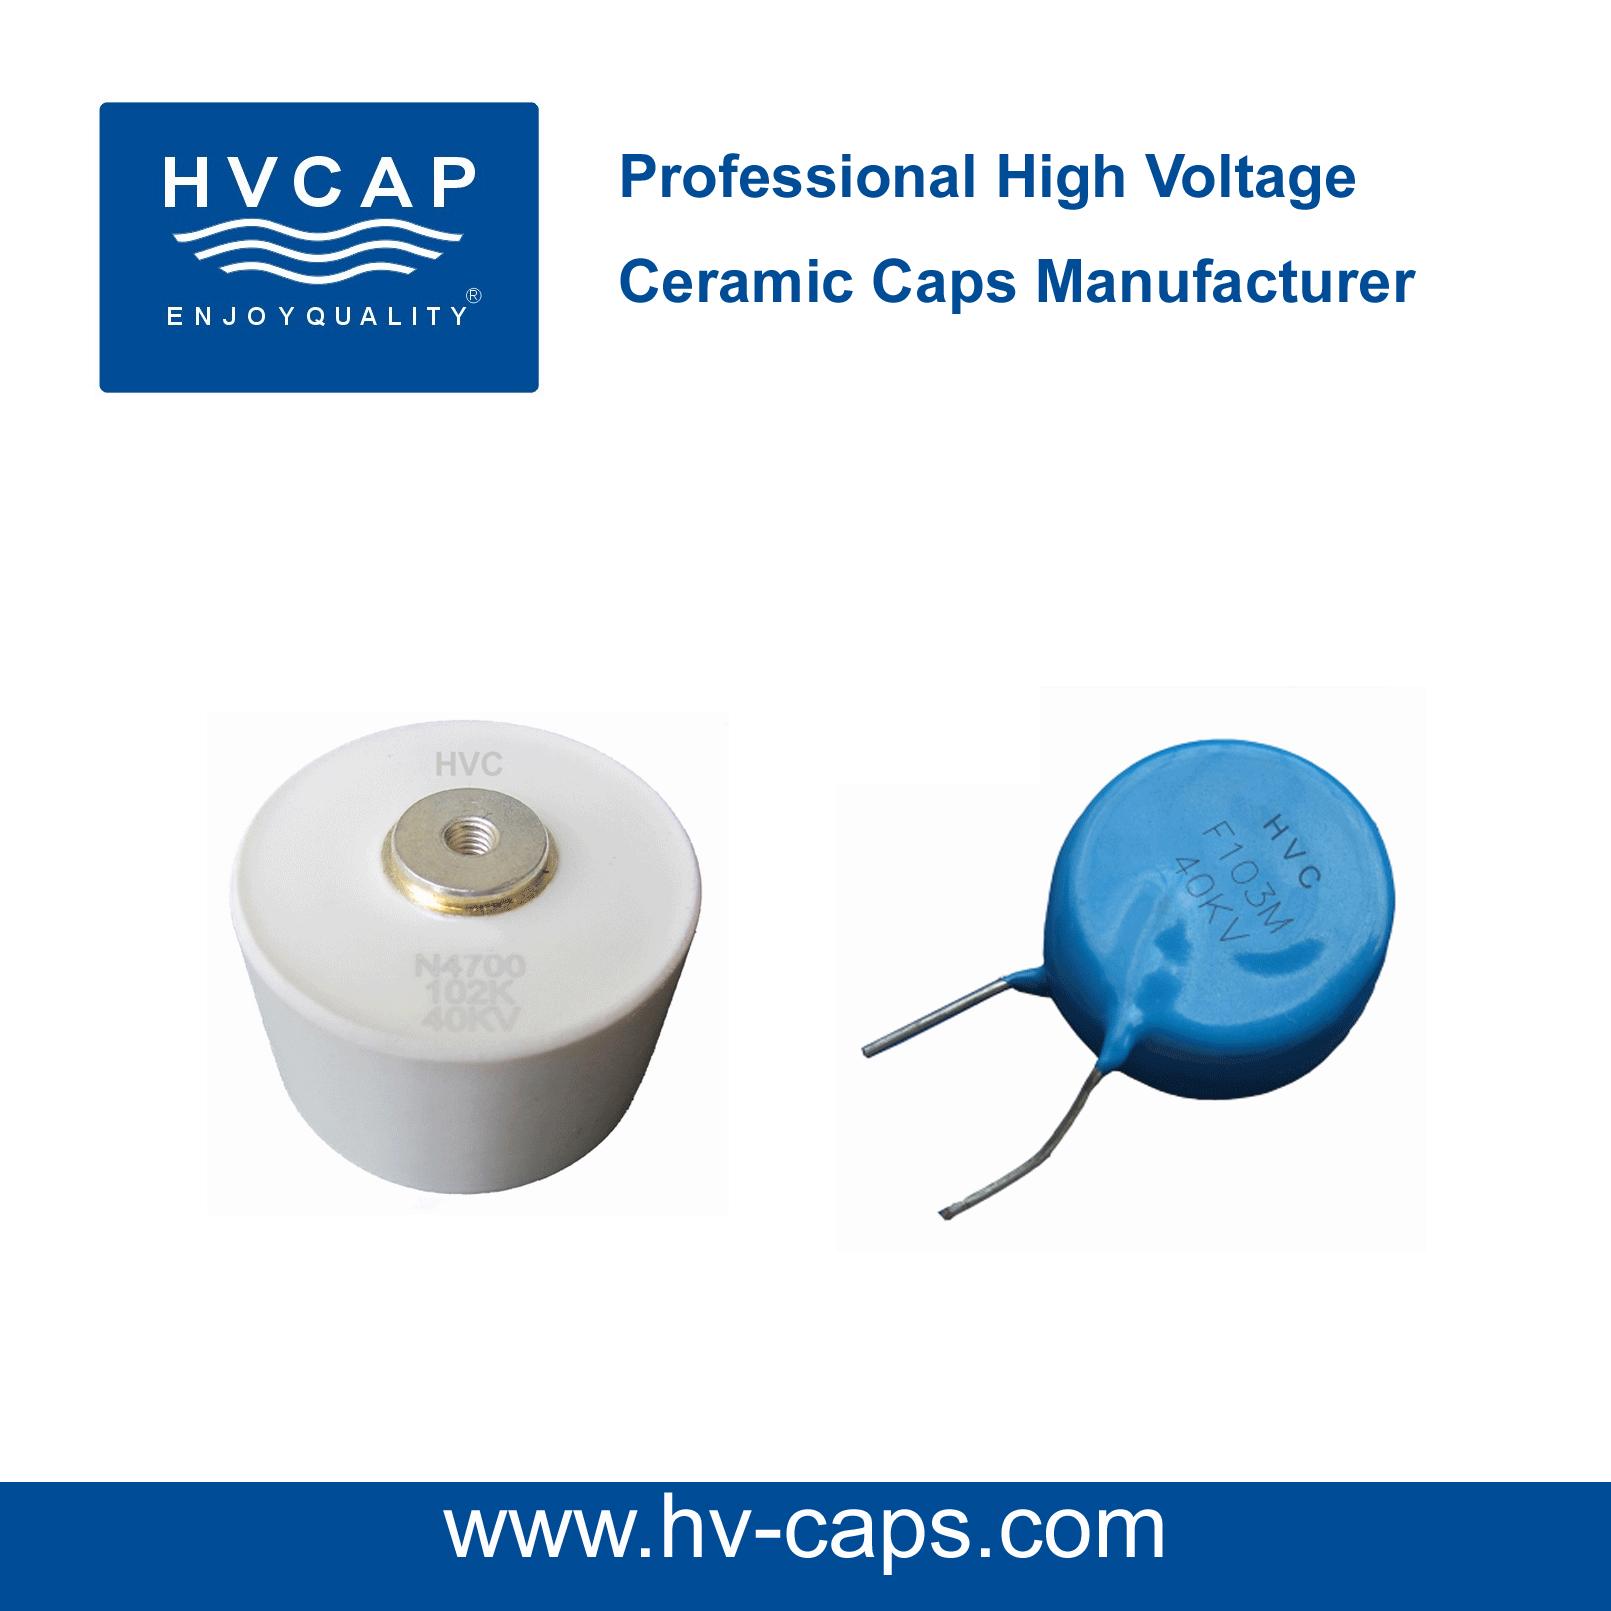 Profesionalni visokonaponski keramički kondenzator